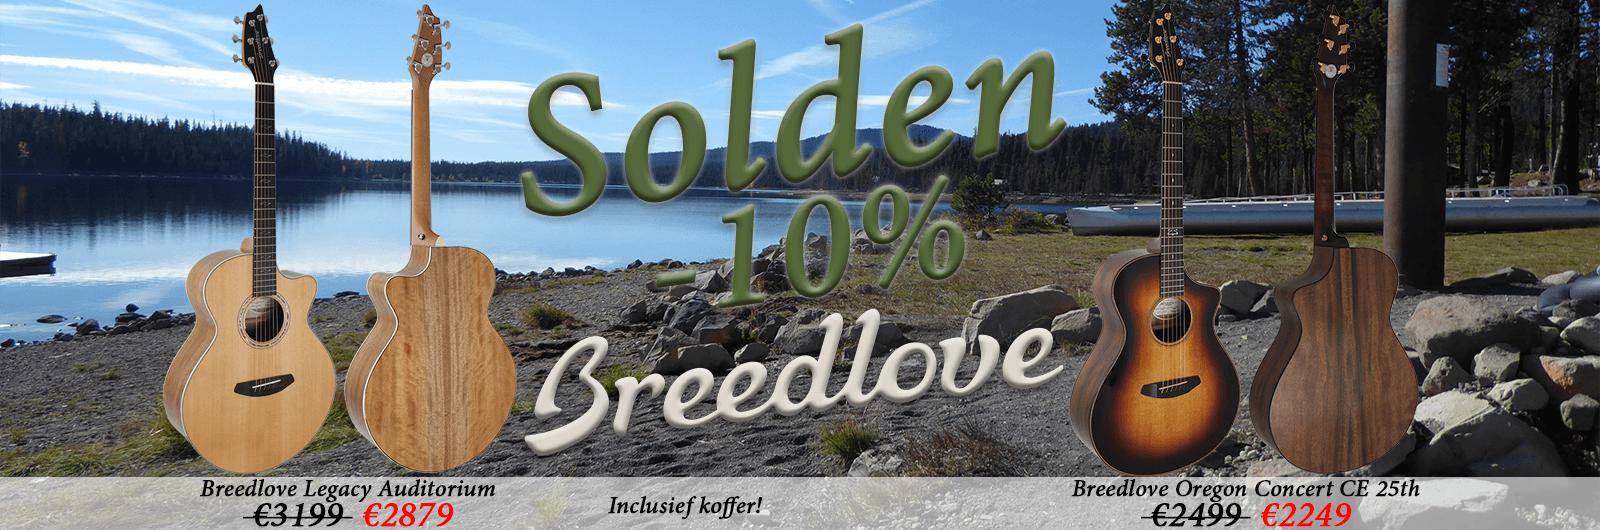 solden-breedlove